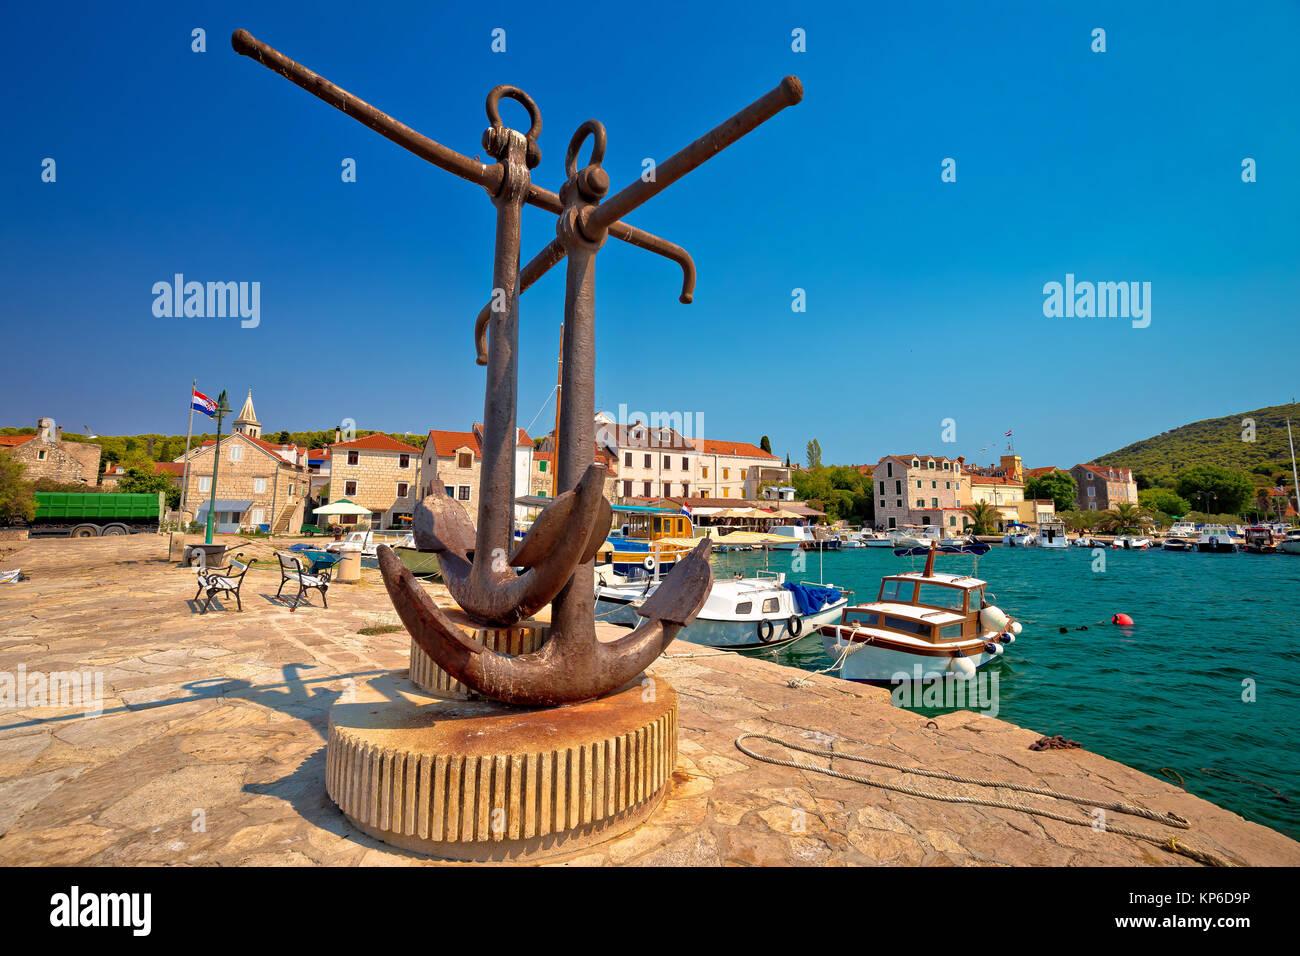 Insel Zlarin mit Blick aufs Wasser, Korallen Archipel von Sibenik Dalmatien, Kroatien Stockbild